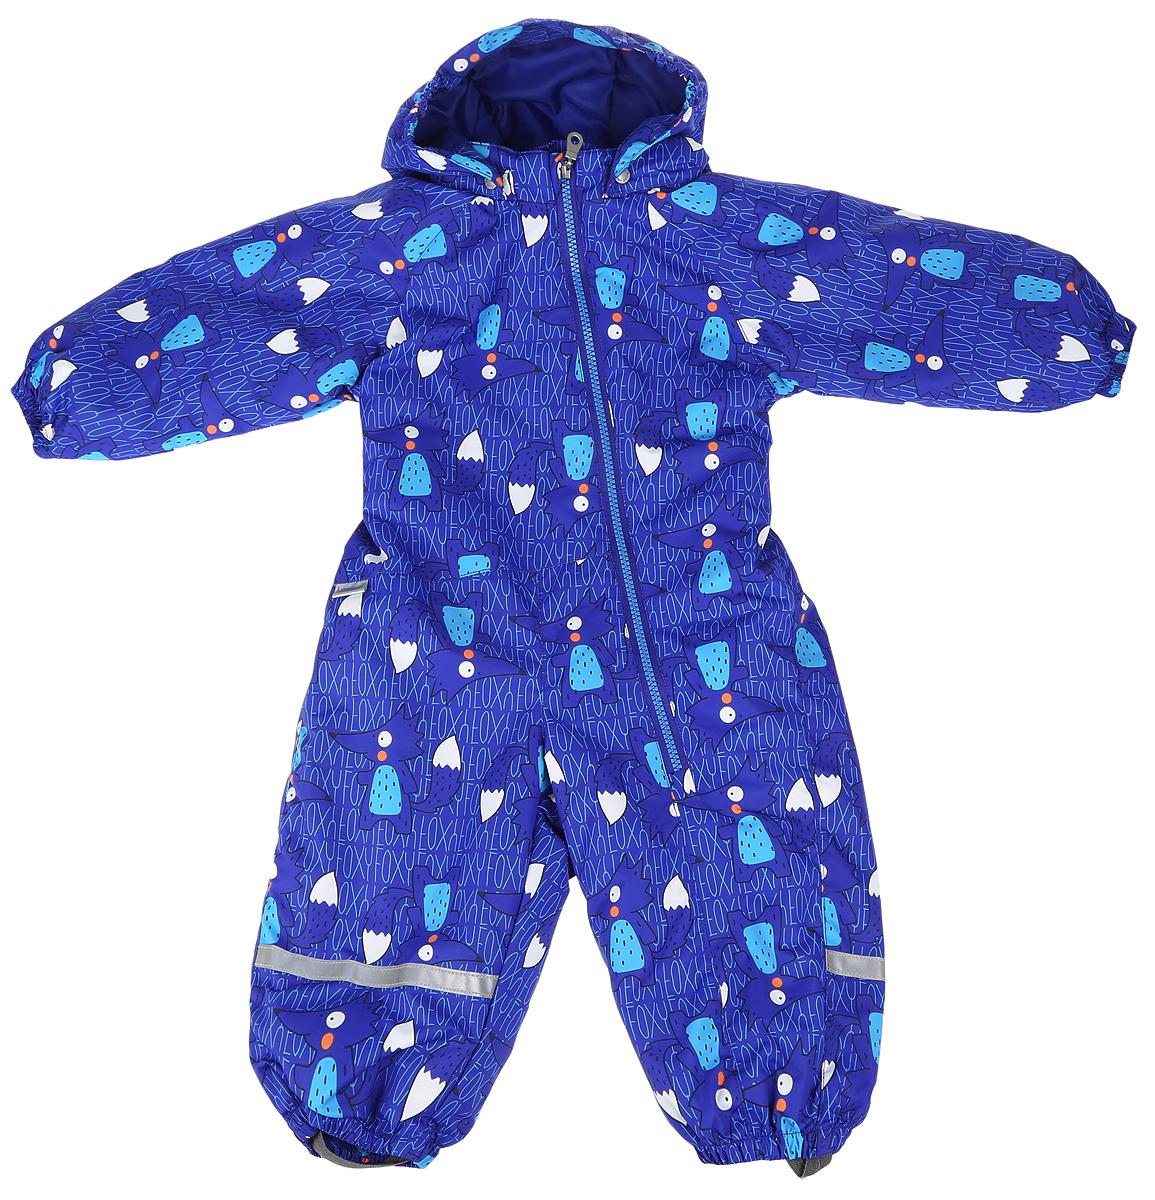 Комбинезон утепленный детский Lassie, цвет: синий. 710703R669. Размер 68710703R669Симпатичный и удобный комбинезон для малышей изготовлен из водоотталкивающего, ветронепроницаемого и дышащего материала. Подбит гладкой подкладкой из полиэстера с легким утеплителем. Длинная молния облегчает процесс надевания и смены подгузника, а капюшон защитит от пронизывающего ветра, при желании его можно отстегнуть. Практичные детали просто незаменимы: эластичная талия, манжеты на рукавах и брючинах, светоотражающие детали обеспечат максимальный комфорт вашей драгоценной крохе.